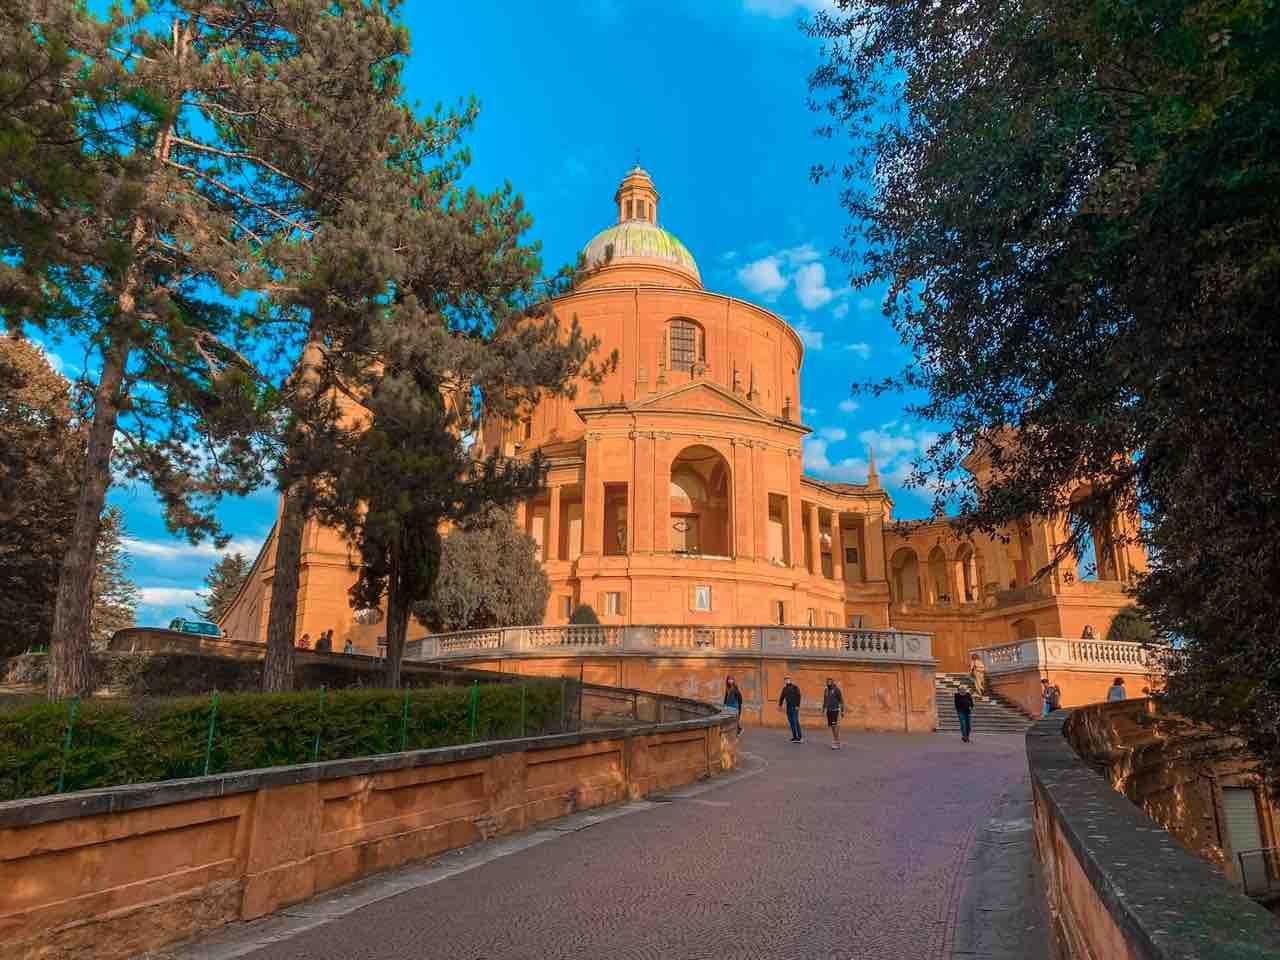 Visitare il Santuario di San Luca informazioni utili